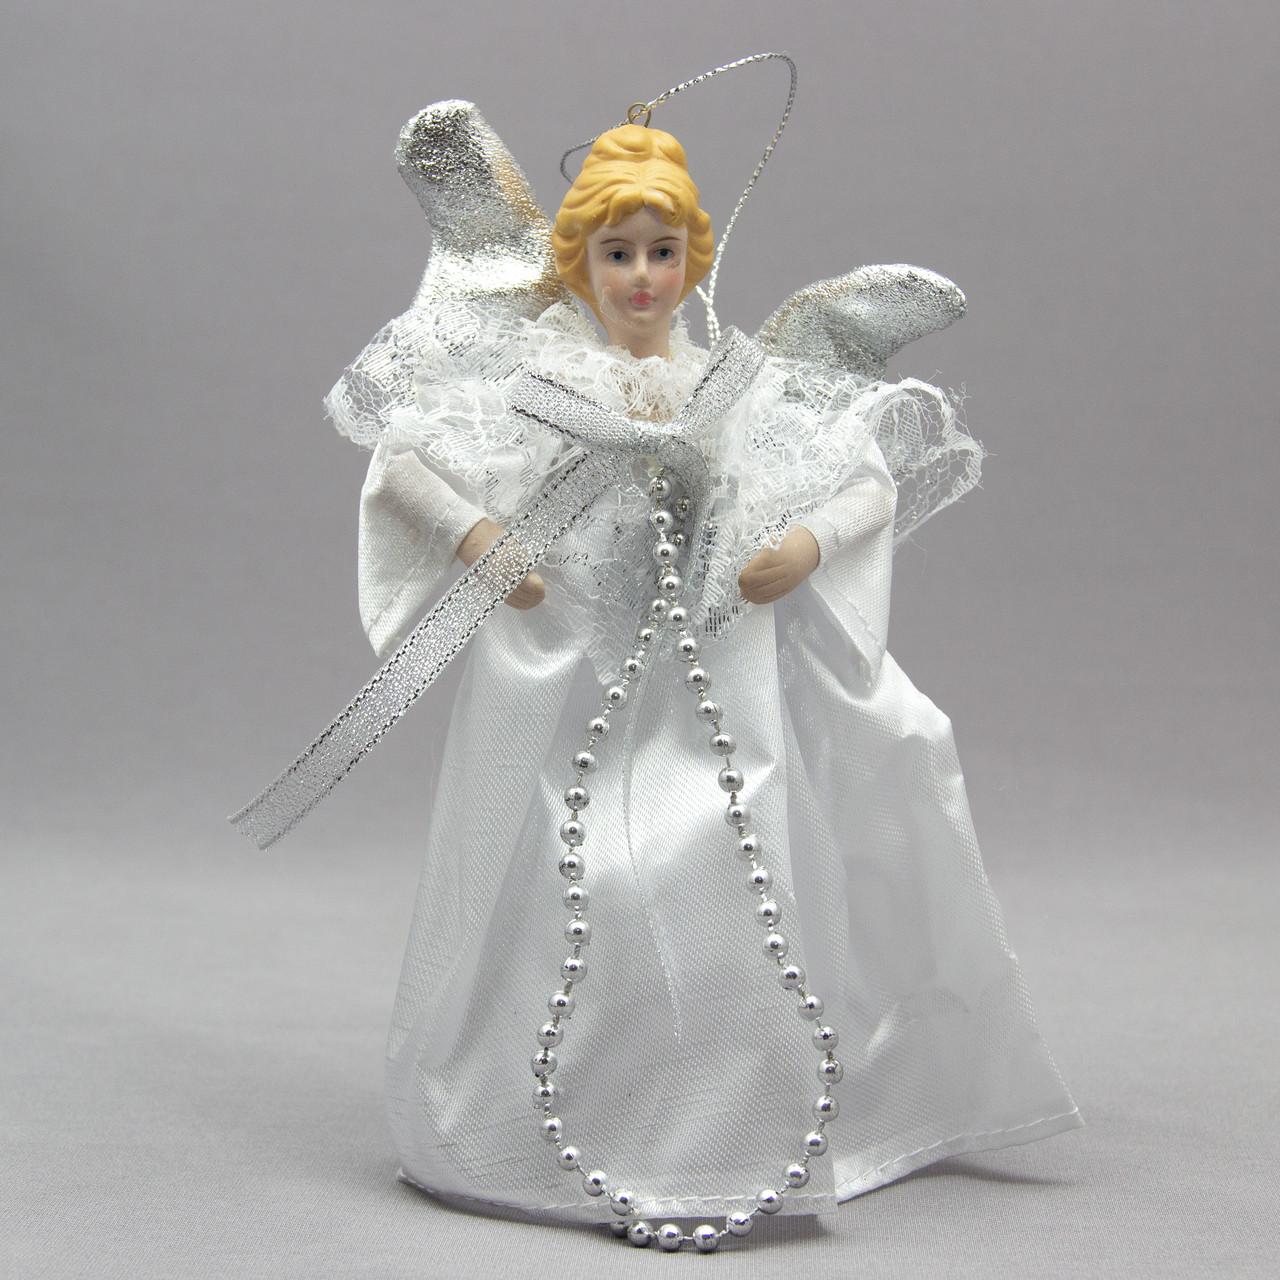 Елочная игрушка Ангел с крыльями 15 см, серебряный ангел с бантом (000319-3)